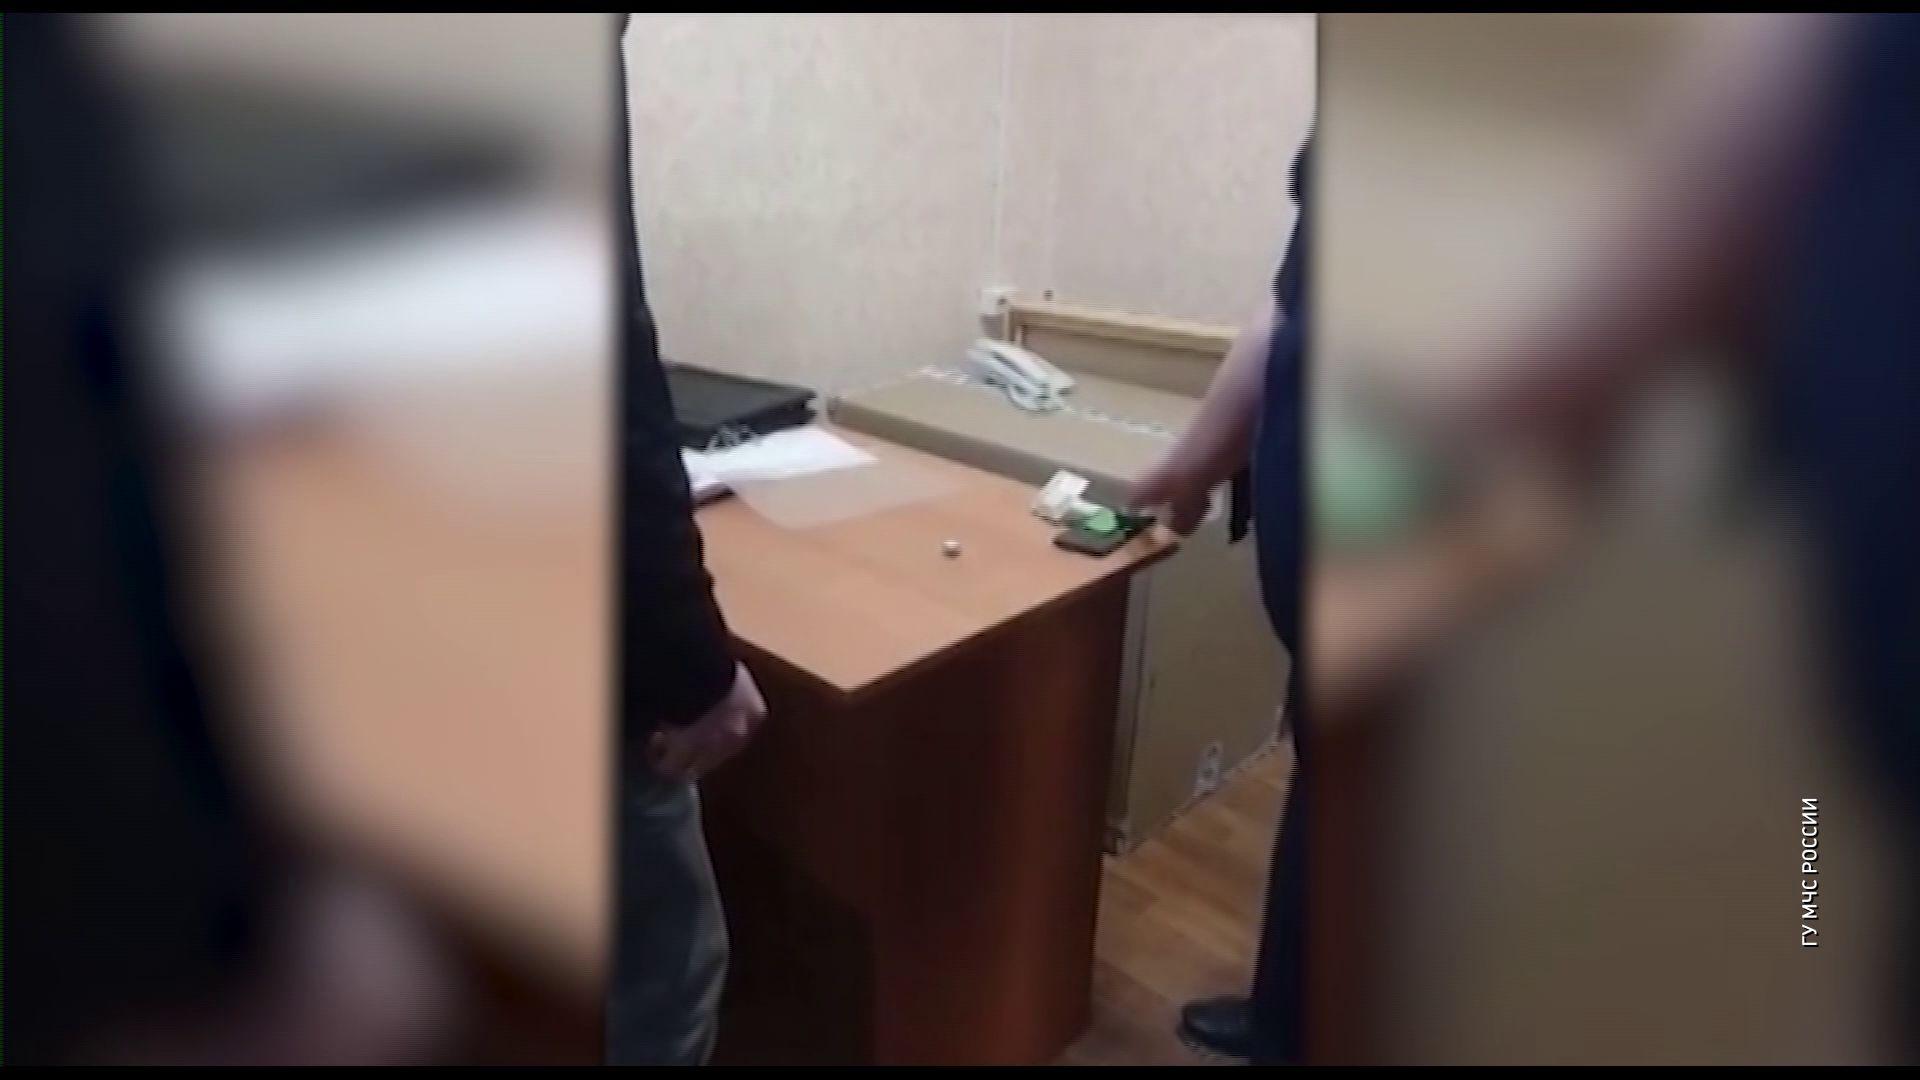 Ярославца задержали за закладки: распространял свертки с гашишем